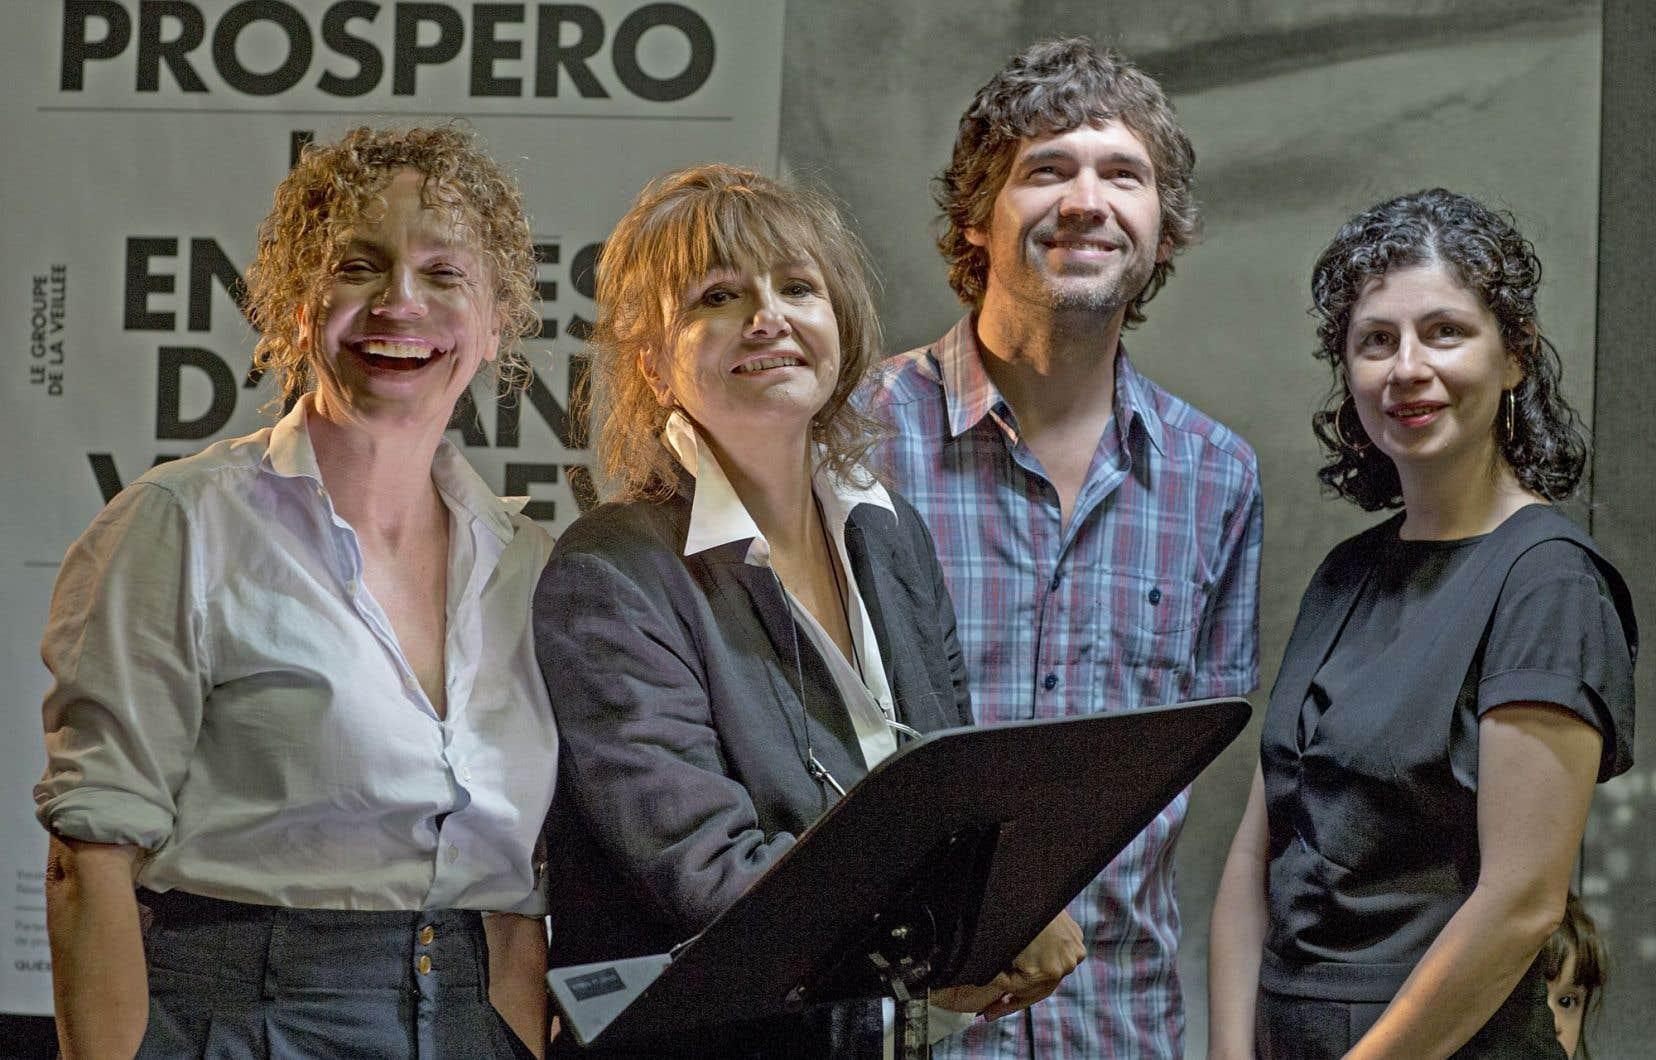 La directrice artistique et générale Carmen Jolin entourée par la comédienne Macha Limonchik, le comédien Maxime Denommée et la comédienne et metteure en scène Catherine Vidal.